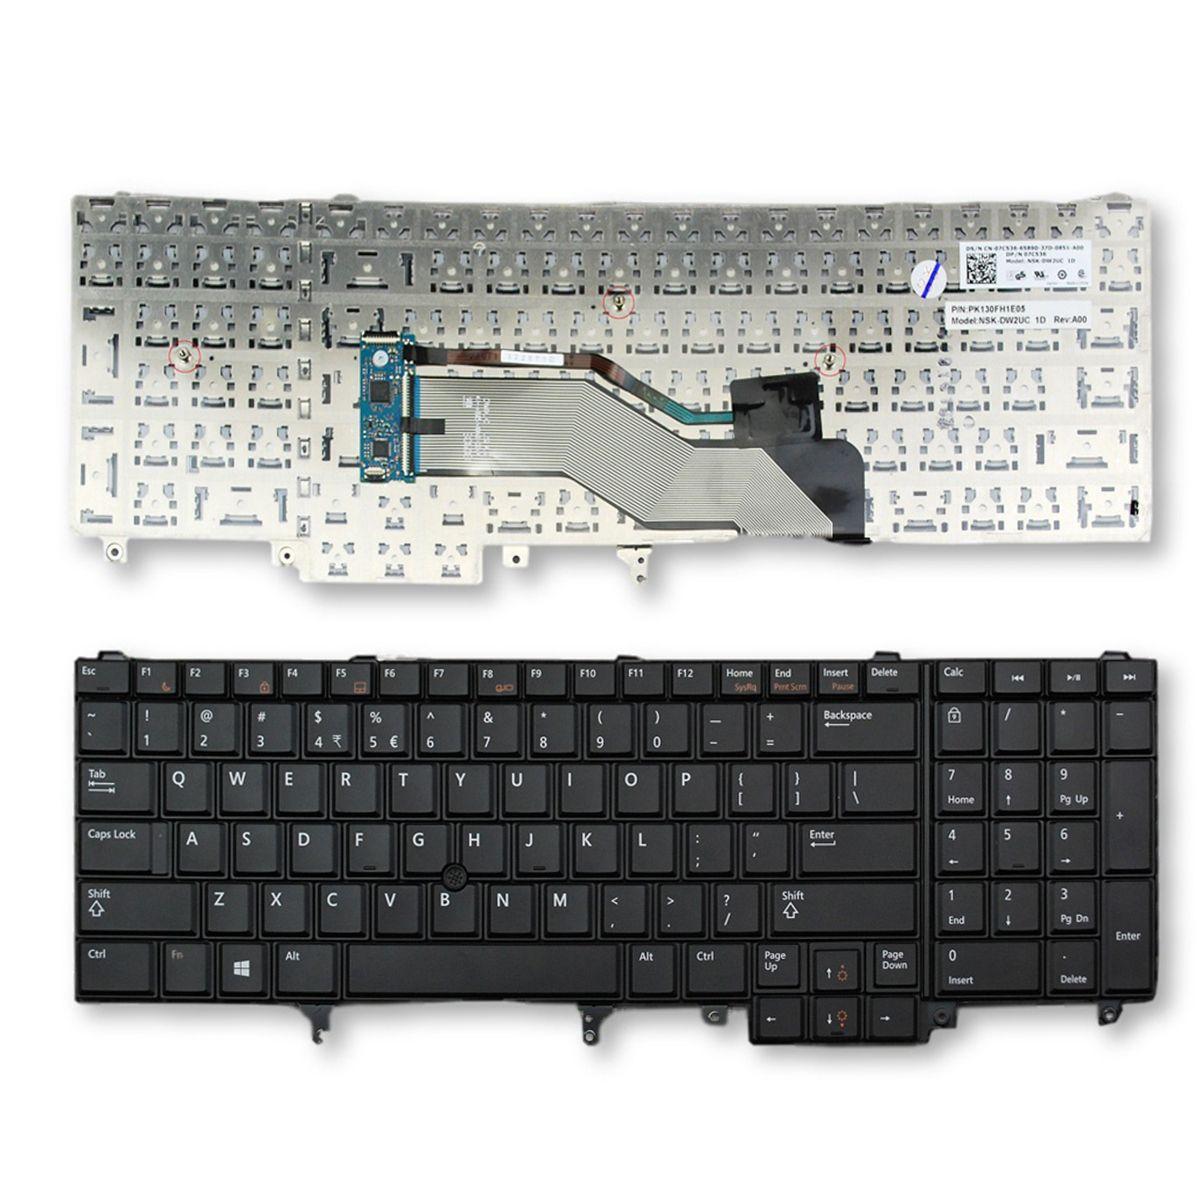 NOVO Inglês Laptop teclado para teclado Dell Latitude E6520 E6530 E6540 E5520 E5520M E5530 US Sem backlit US Keyboard Laptop Repair